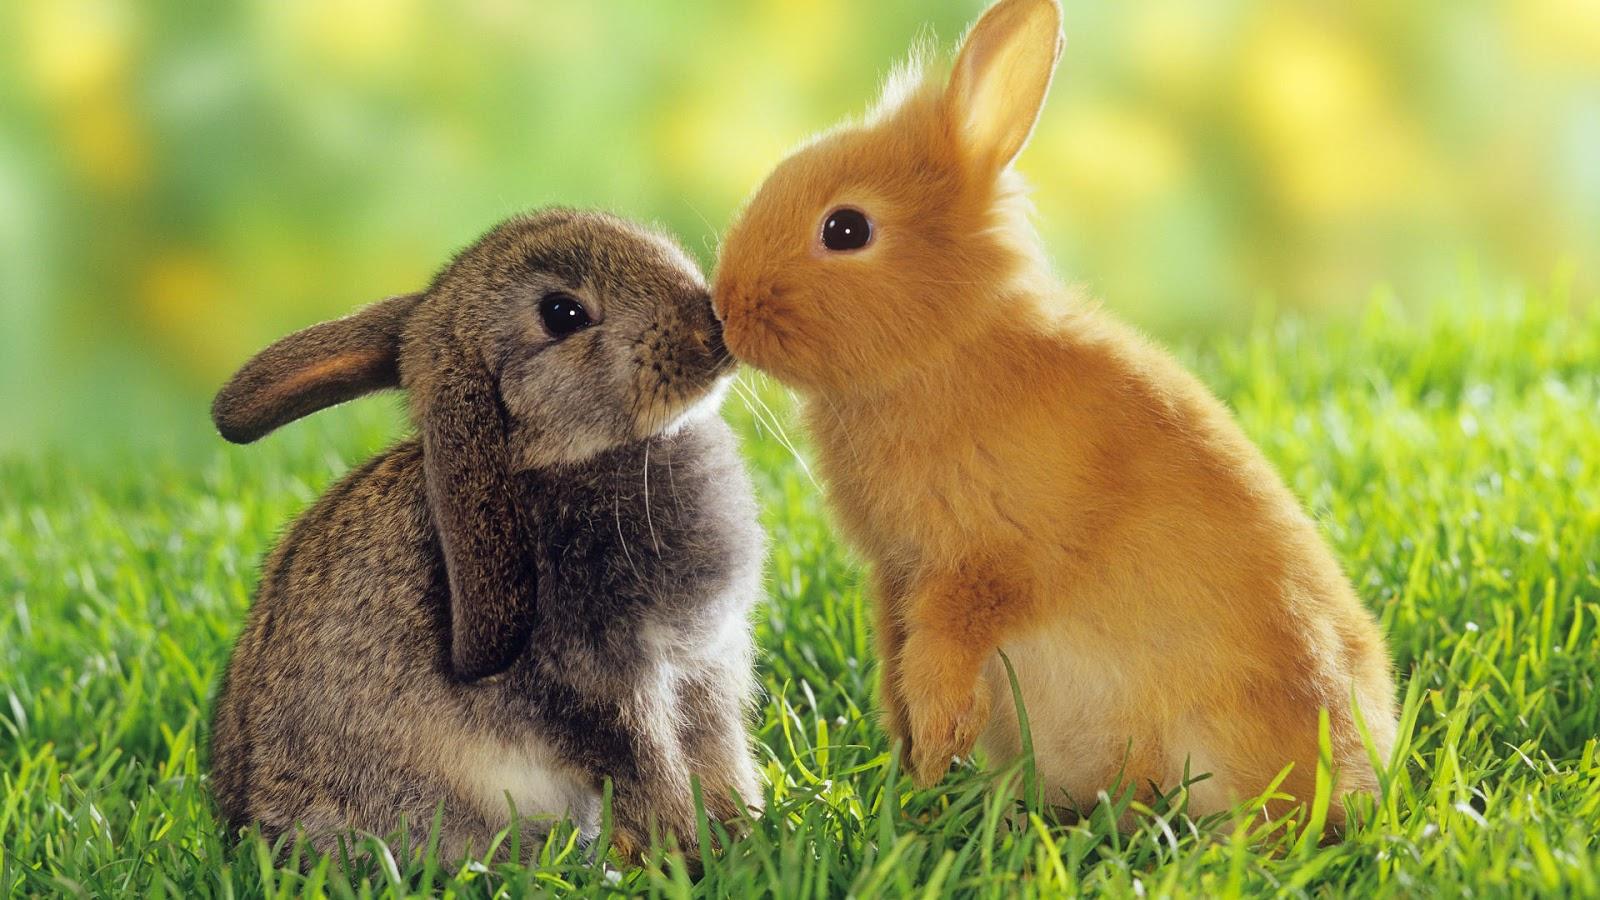 بالصور صور حب رومنسي , صور رومانسية للحيوانات 4009 11